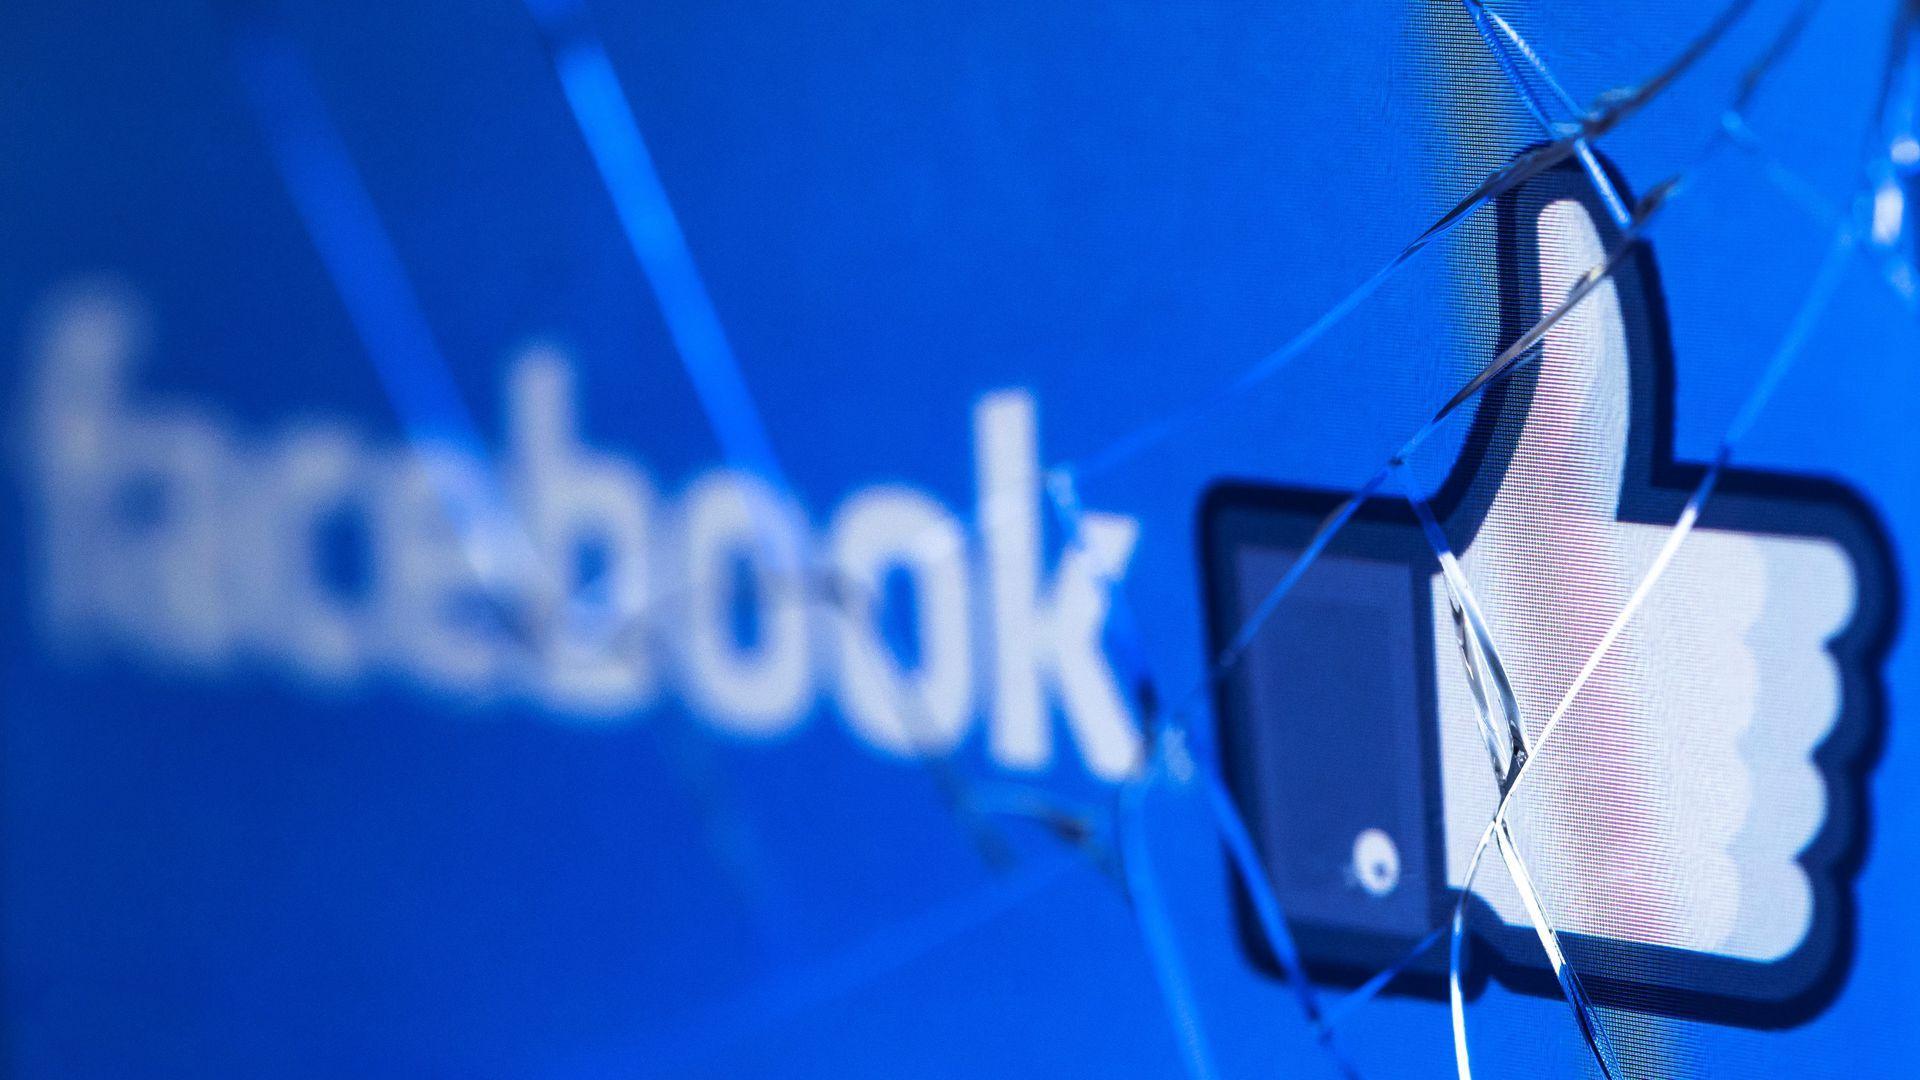 Facebook logo shattering